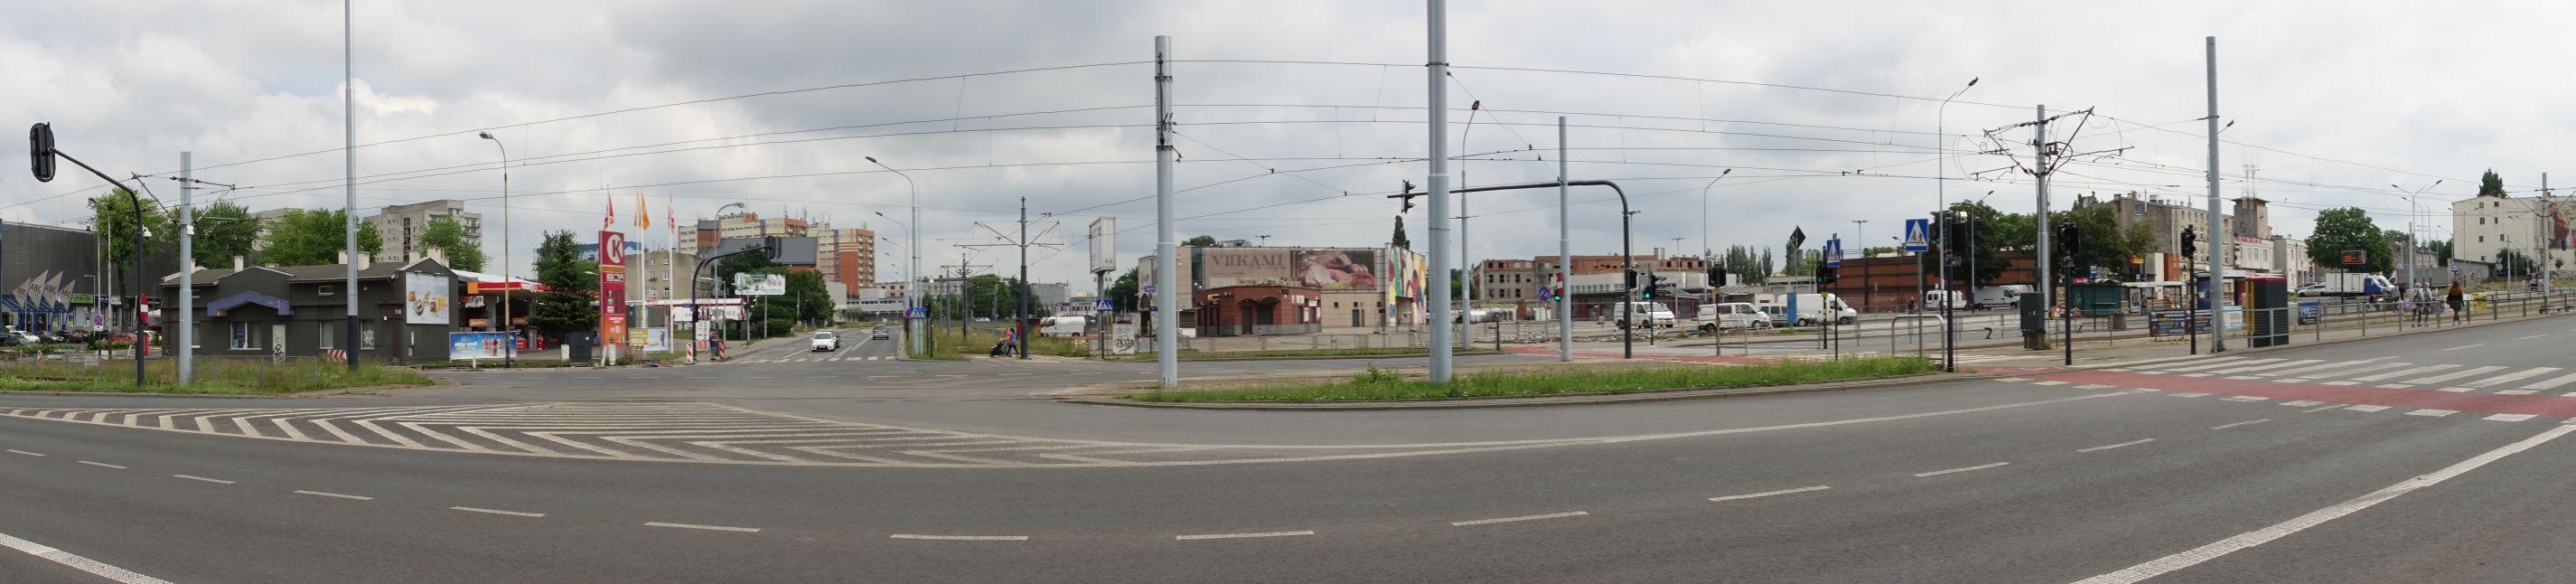 Zgierska11